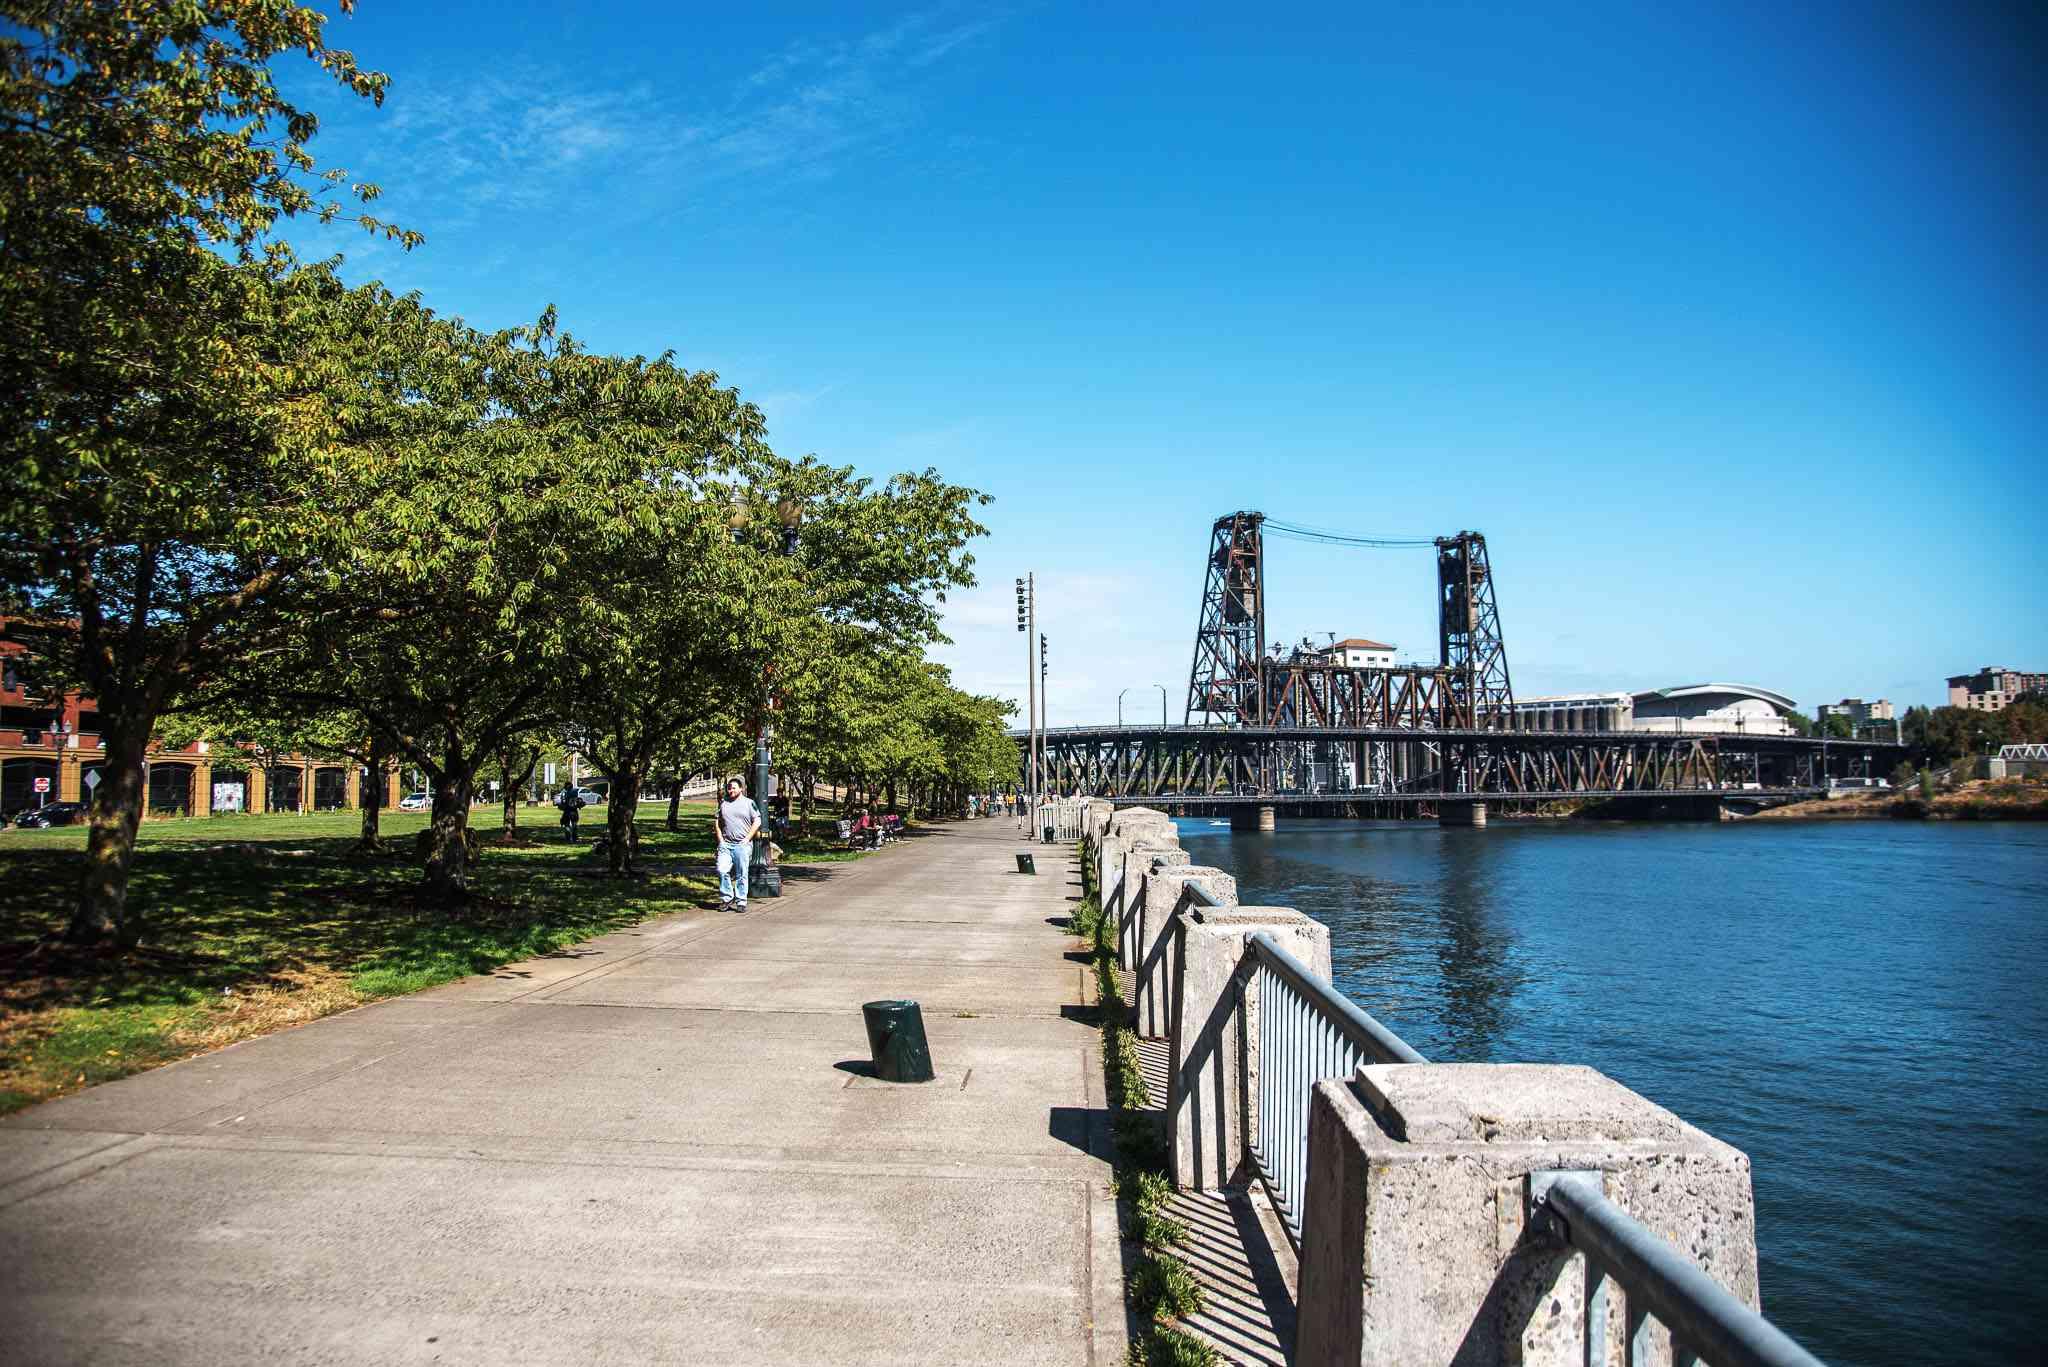 Una persona que camina por el paseo marítimo de McCall con una vieja estructura industrial en el fondo